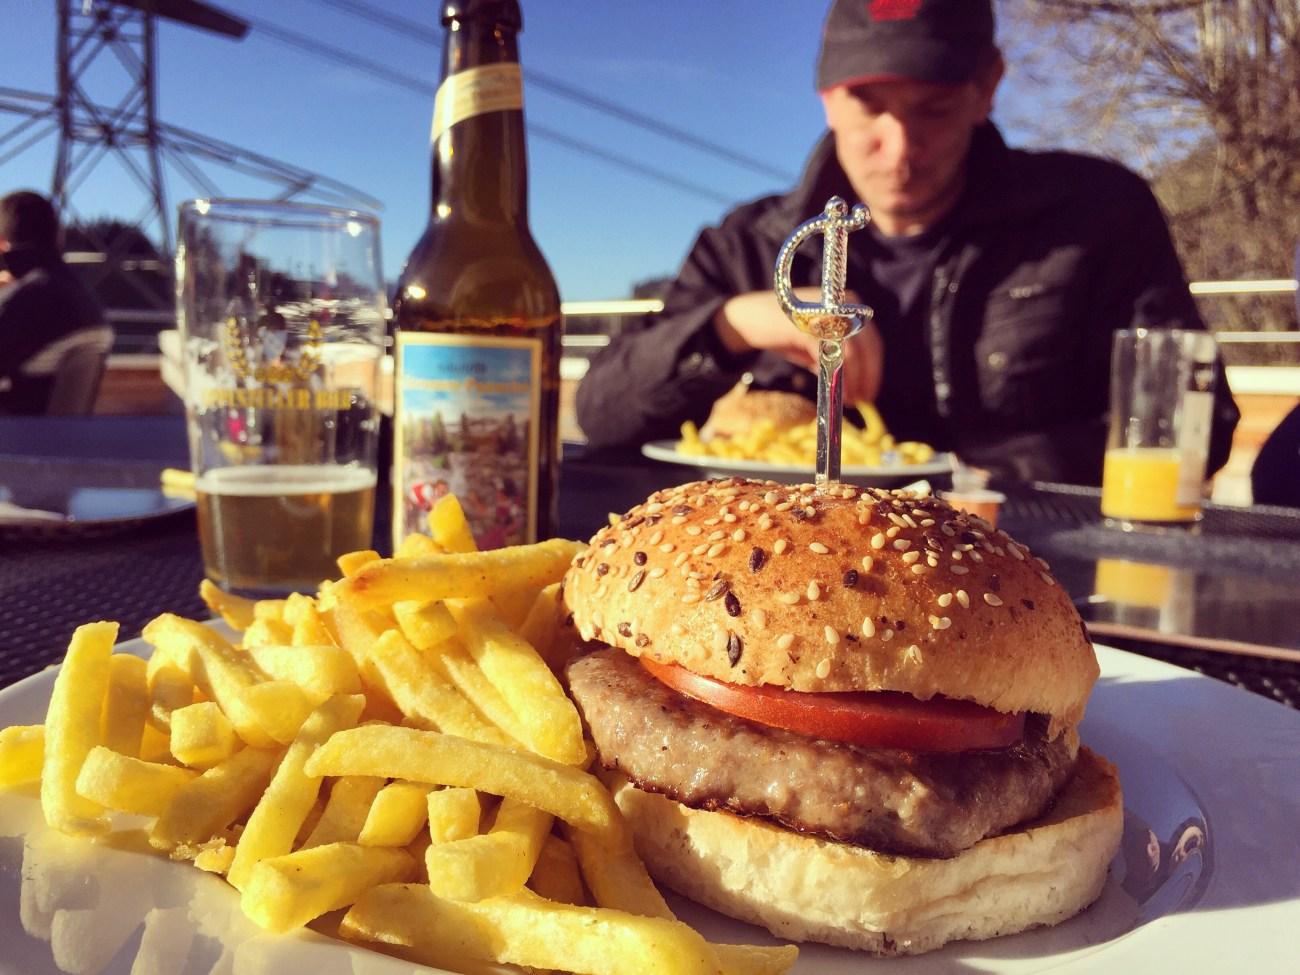 We eten (buiten in het zonnetje) een broodje hamburger met heerlijke frietjes. Zo fijn vandaag.